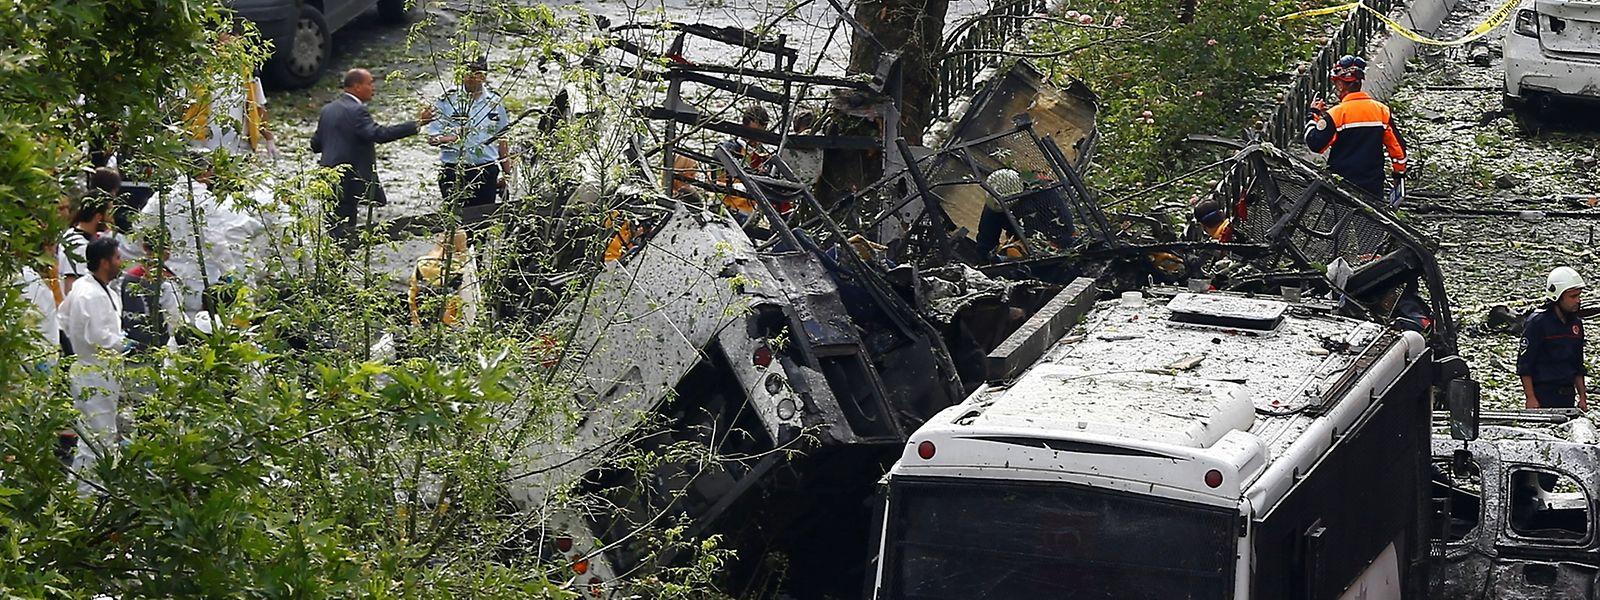 Die militante Gruppe verübte einen Anschlag auf einen Polizeibus.